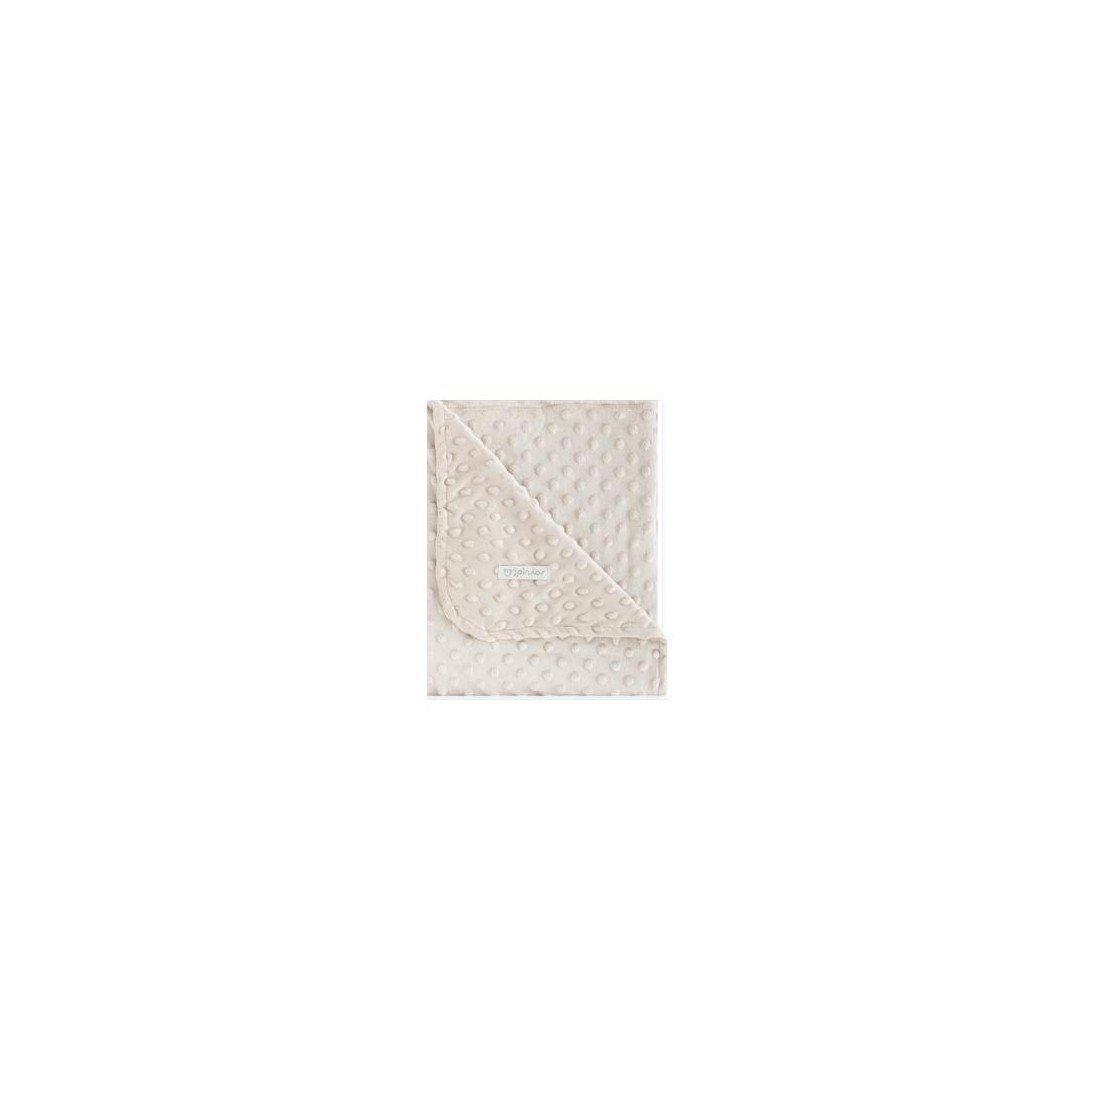 Pirulos Dots - Manta doble cara, 80x110 cm, color lino